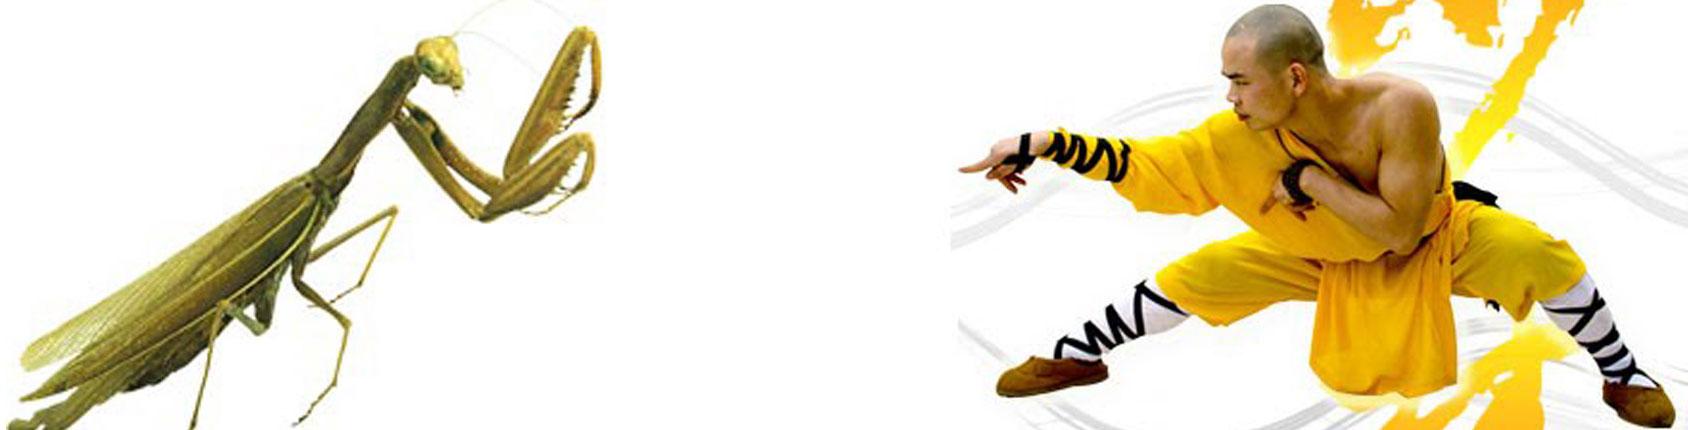 Resultado de imagem para Kung Fu louva a deus